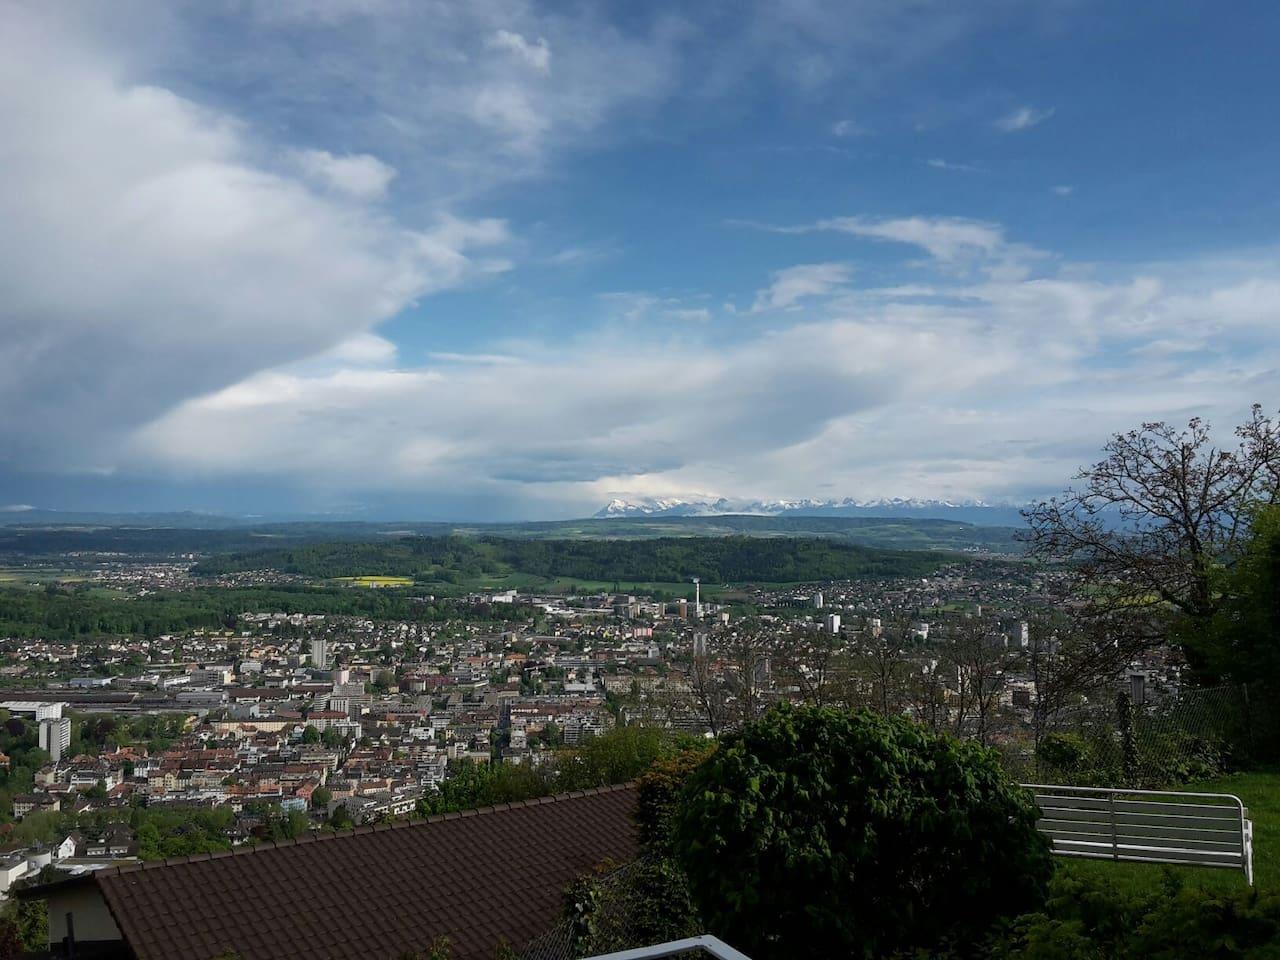 Aussicht von der Wohnung über die Stadt Biel zu den Alpen